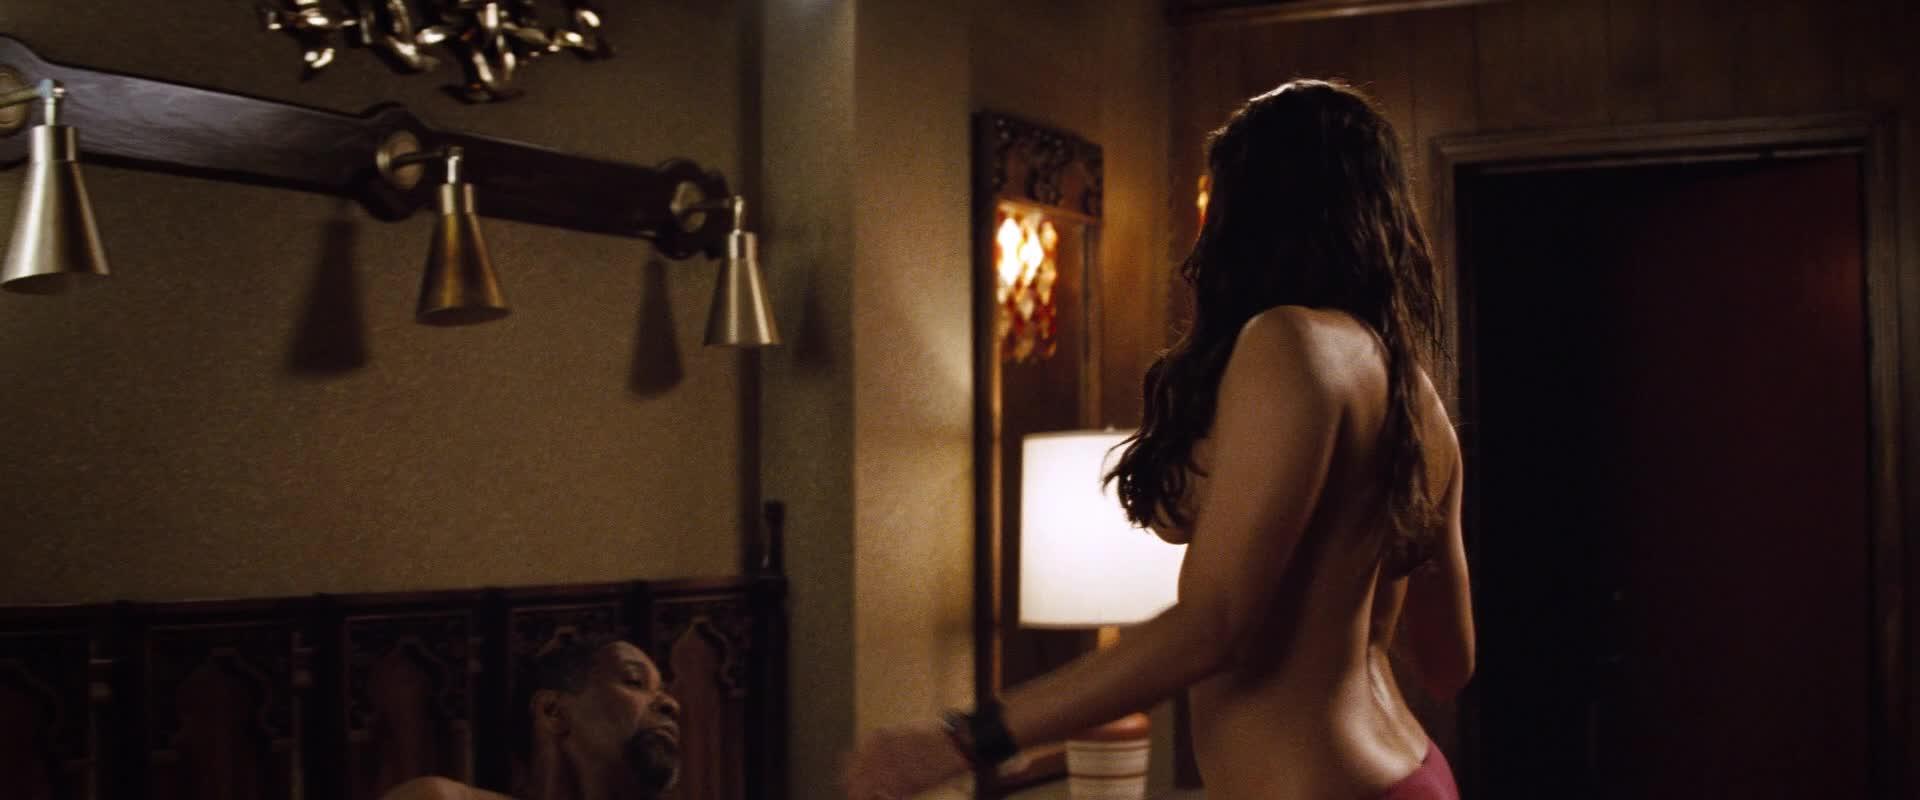 Paula Patton's beautiful breasts video image